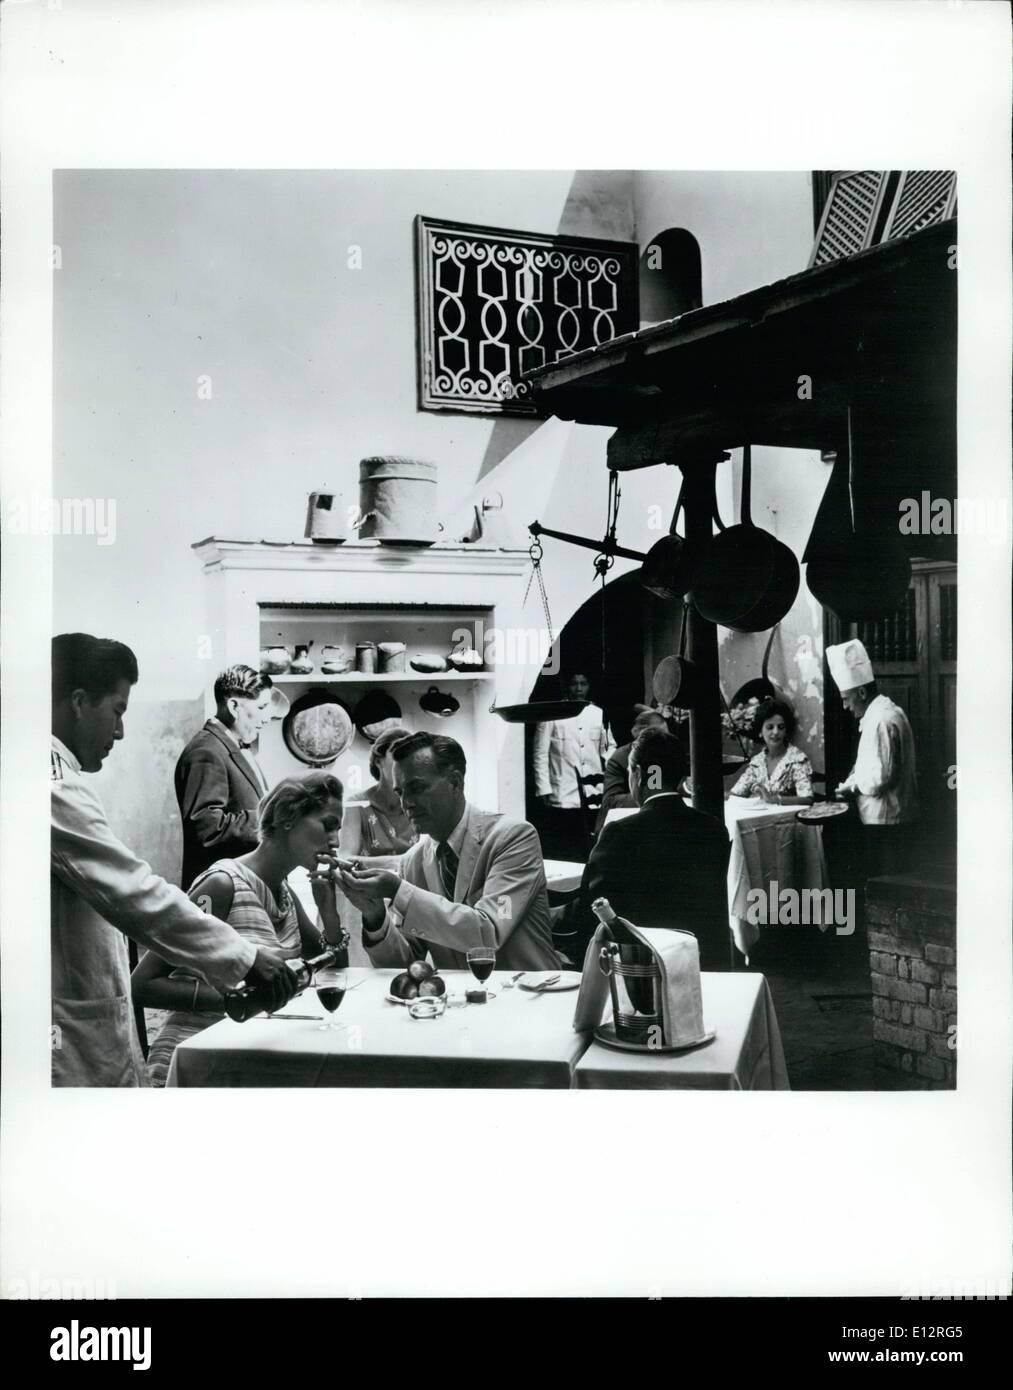 """El 25 de febrero, 2012 - ''Las Trece Monedas"""" restaurante de Lima, ubicado en una antigua casa señorial que data desde los días del virreinato, ofrece una completa selección de platos internacionales. Imagen De Stock"""